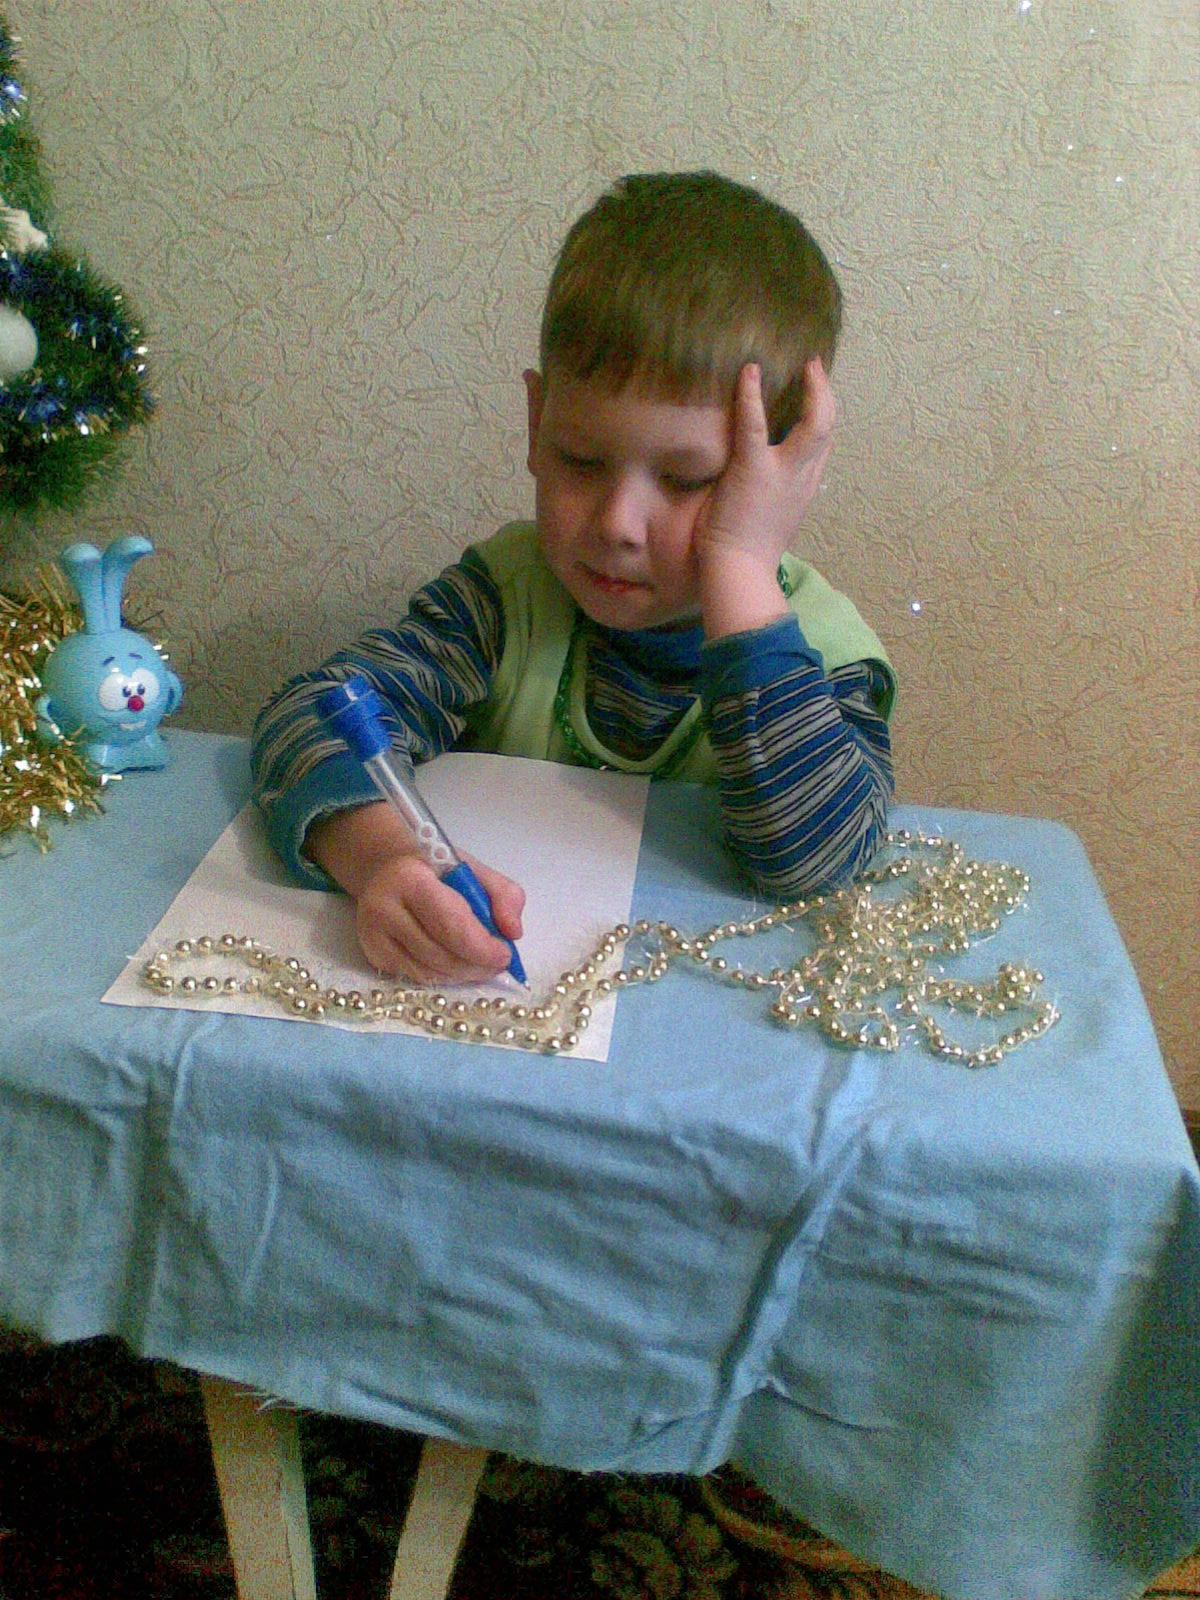 Я хоть и маленький, а желание у меня БОЛЬШОЕ,. Пишу письмо Деду Морозу